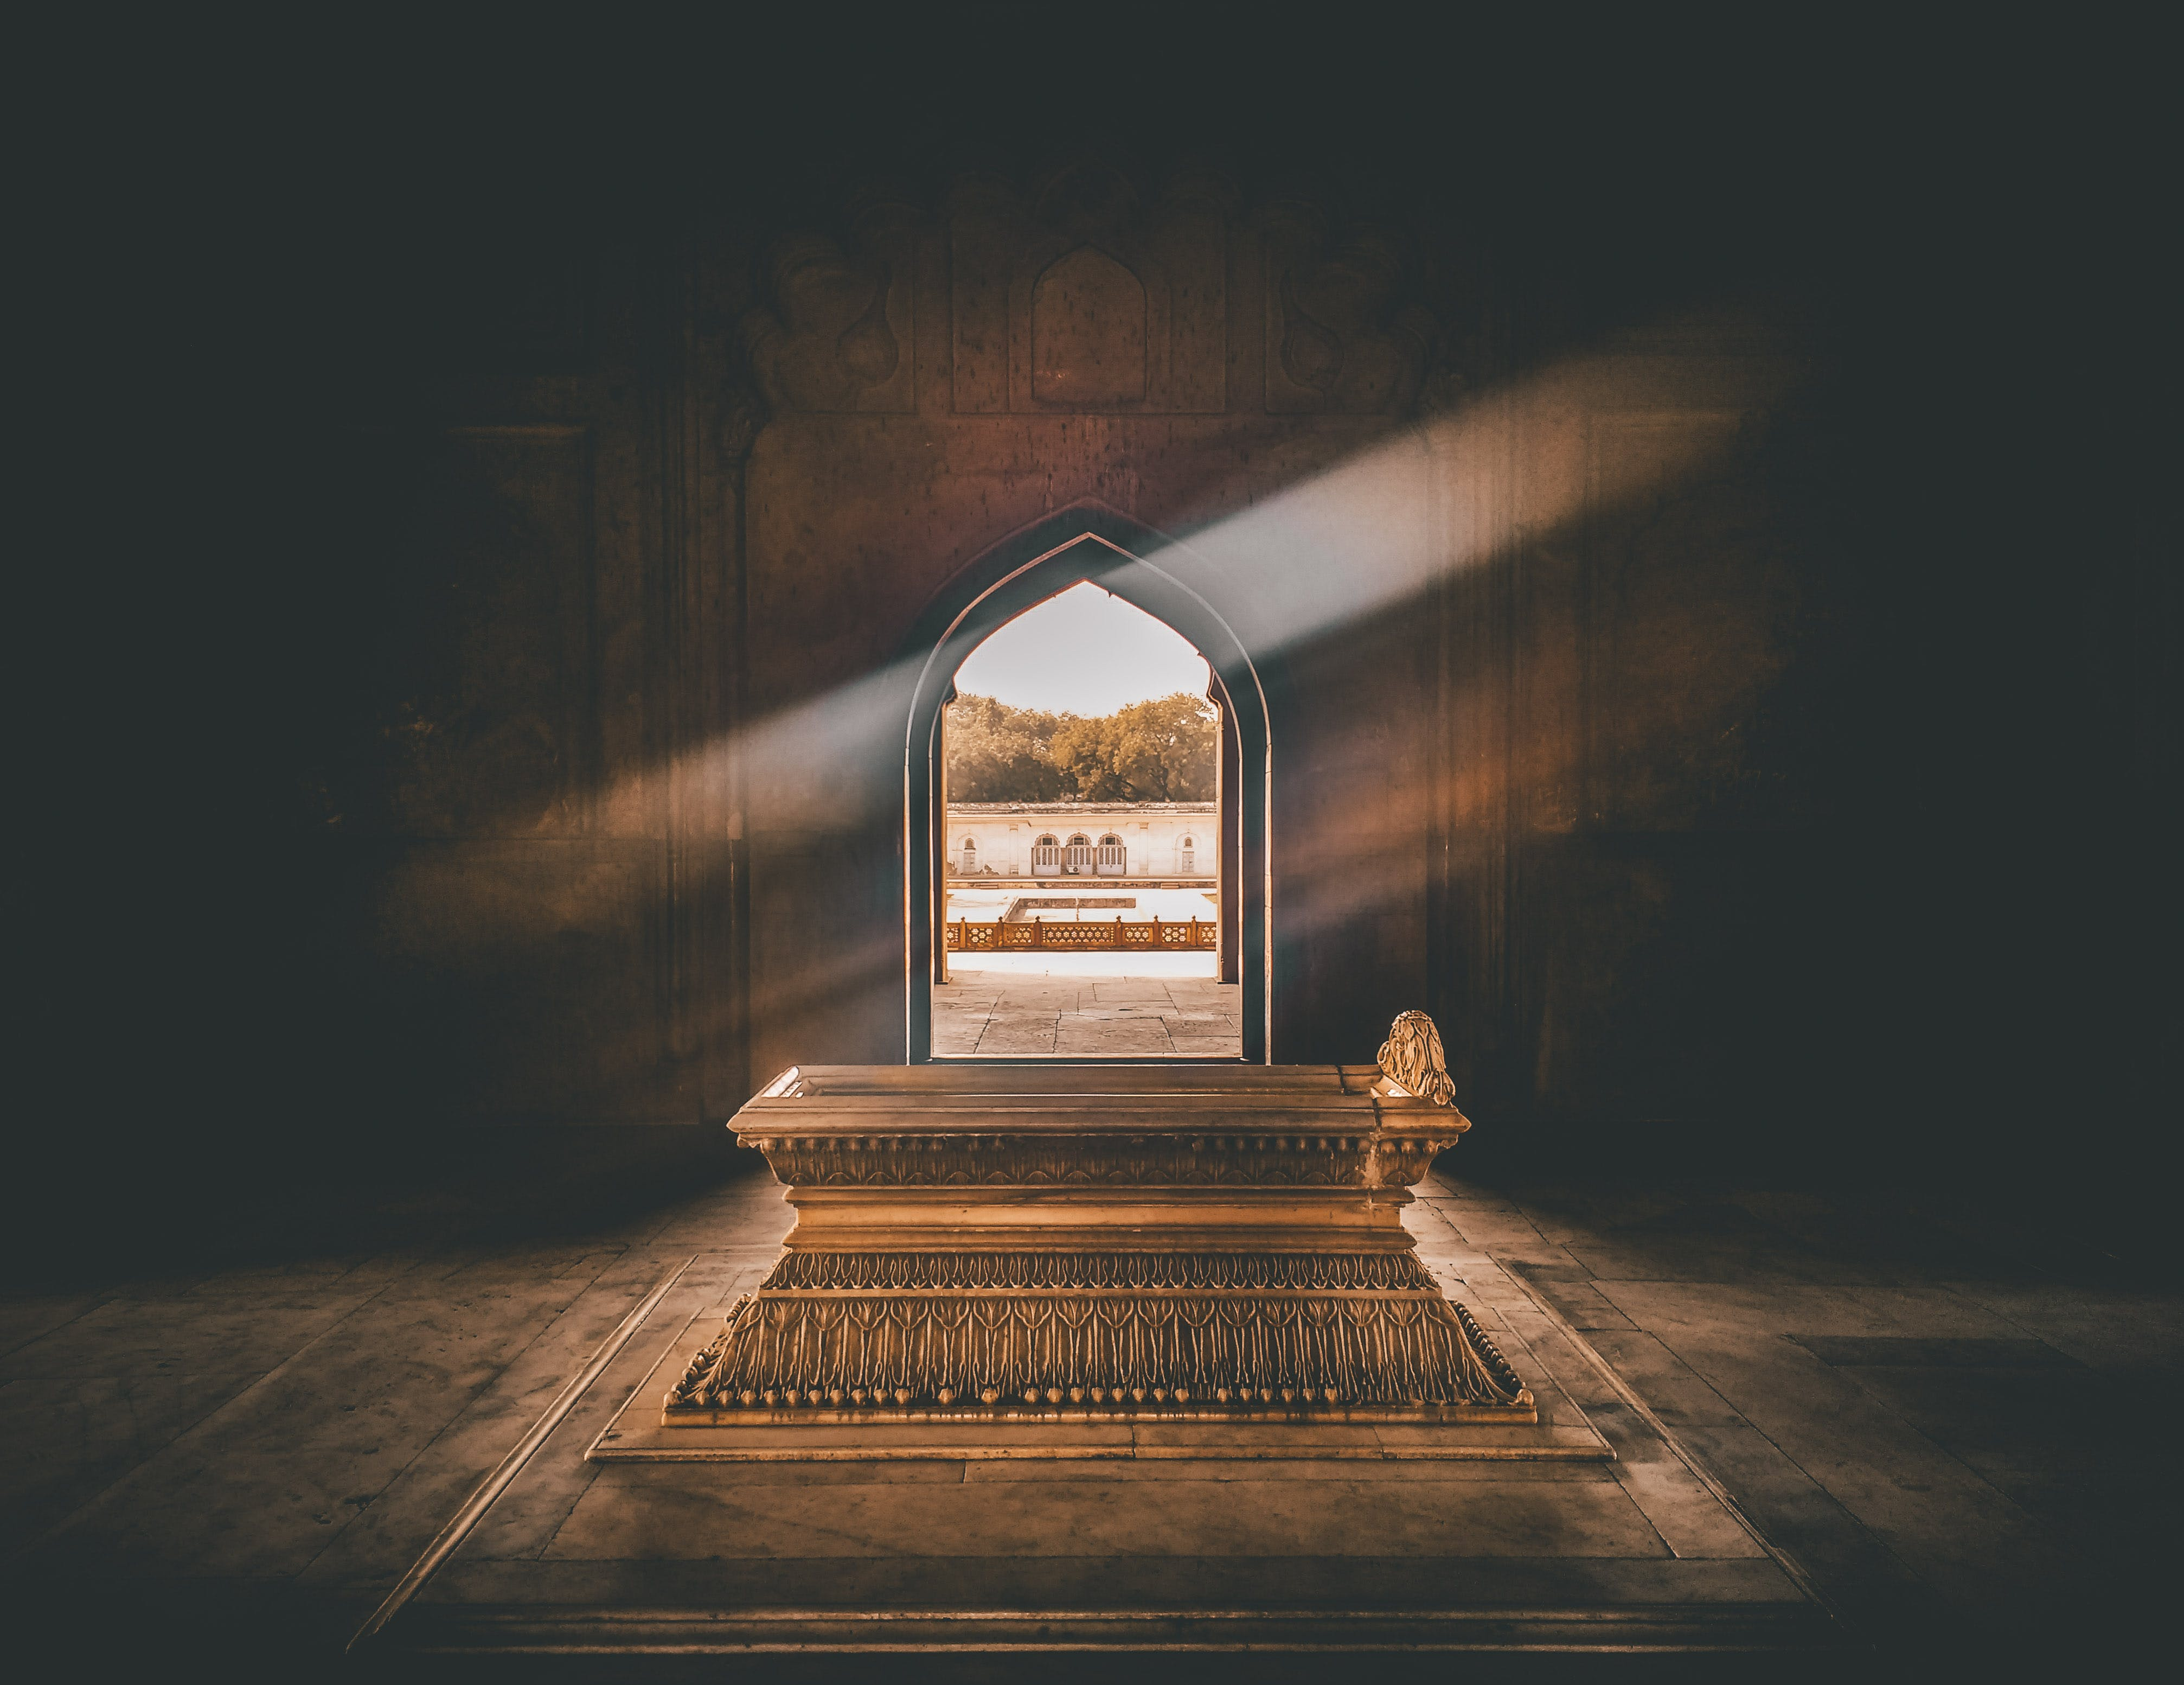 Δωρεάν στοκ φωτογραφιών με αρχαίος, αρχιτεκτονική, Ινδία, ναός